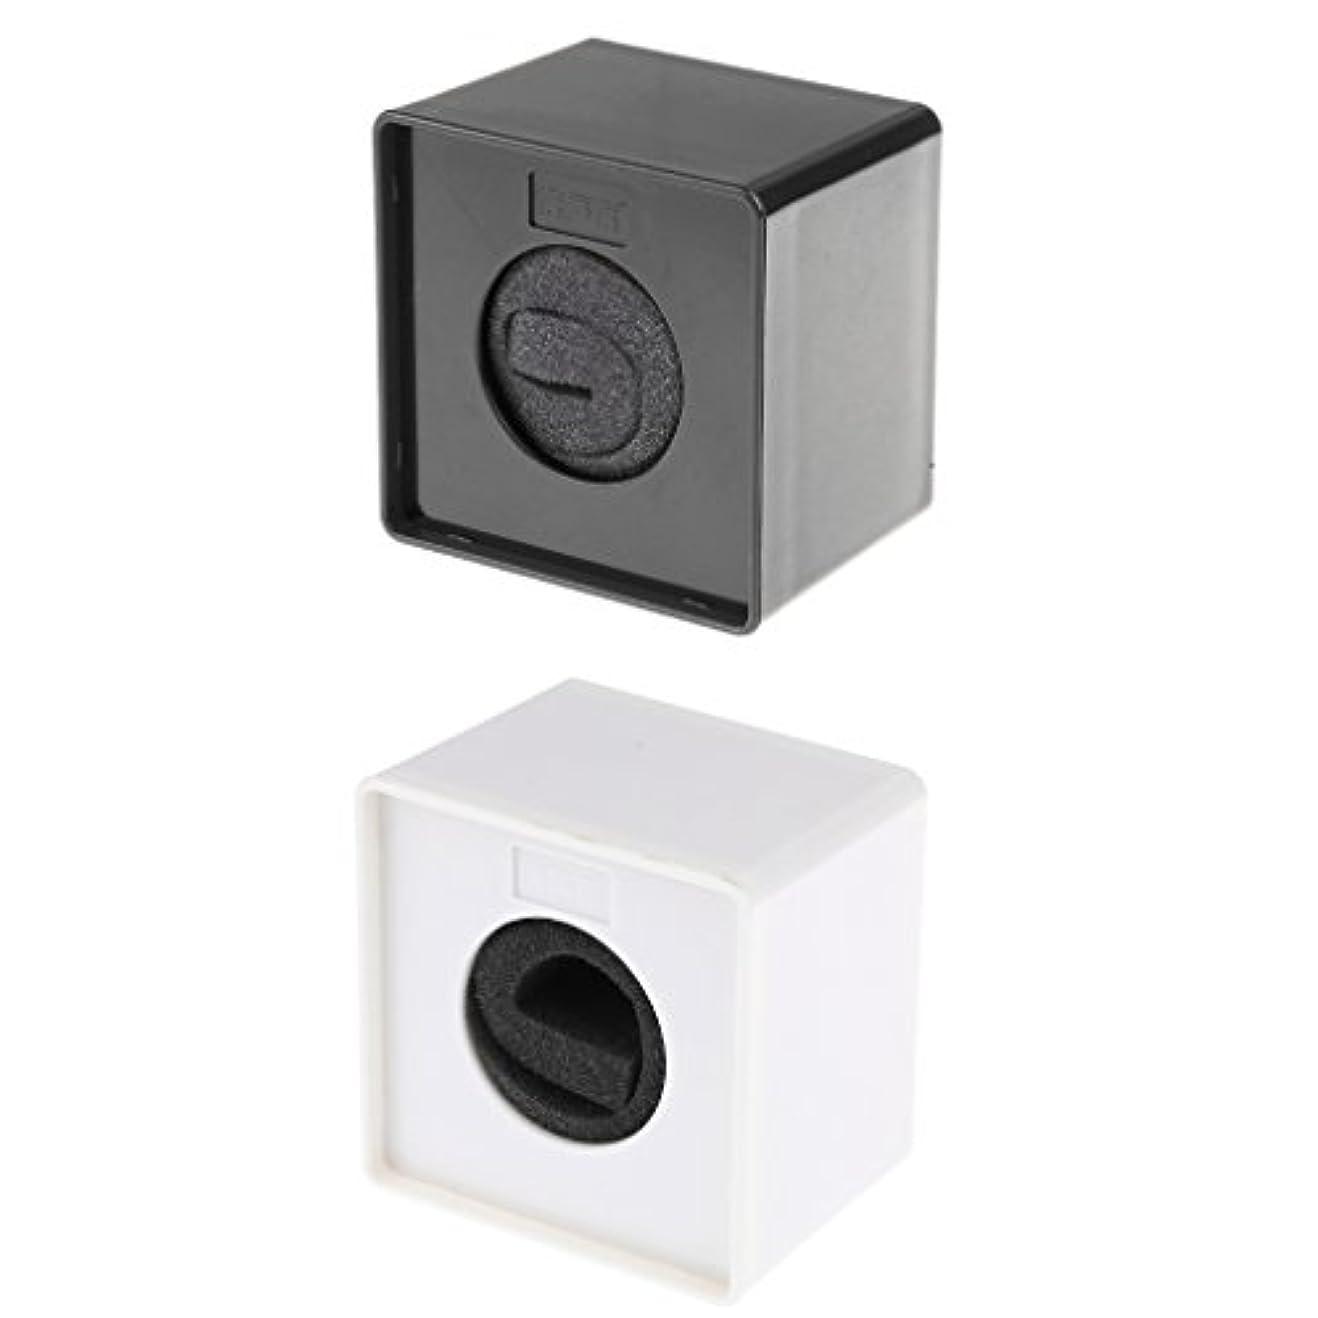 敬なしないでください広告するPerfk 正方形 マイク ロゴフラグ  ステーションログ ミーティングスピーチ ブラック+ホワイト ABS  約8 x 8 x 6 cm